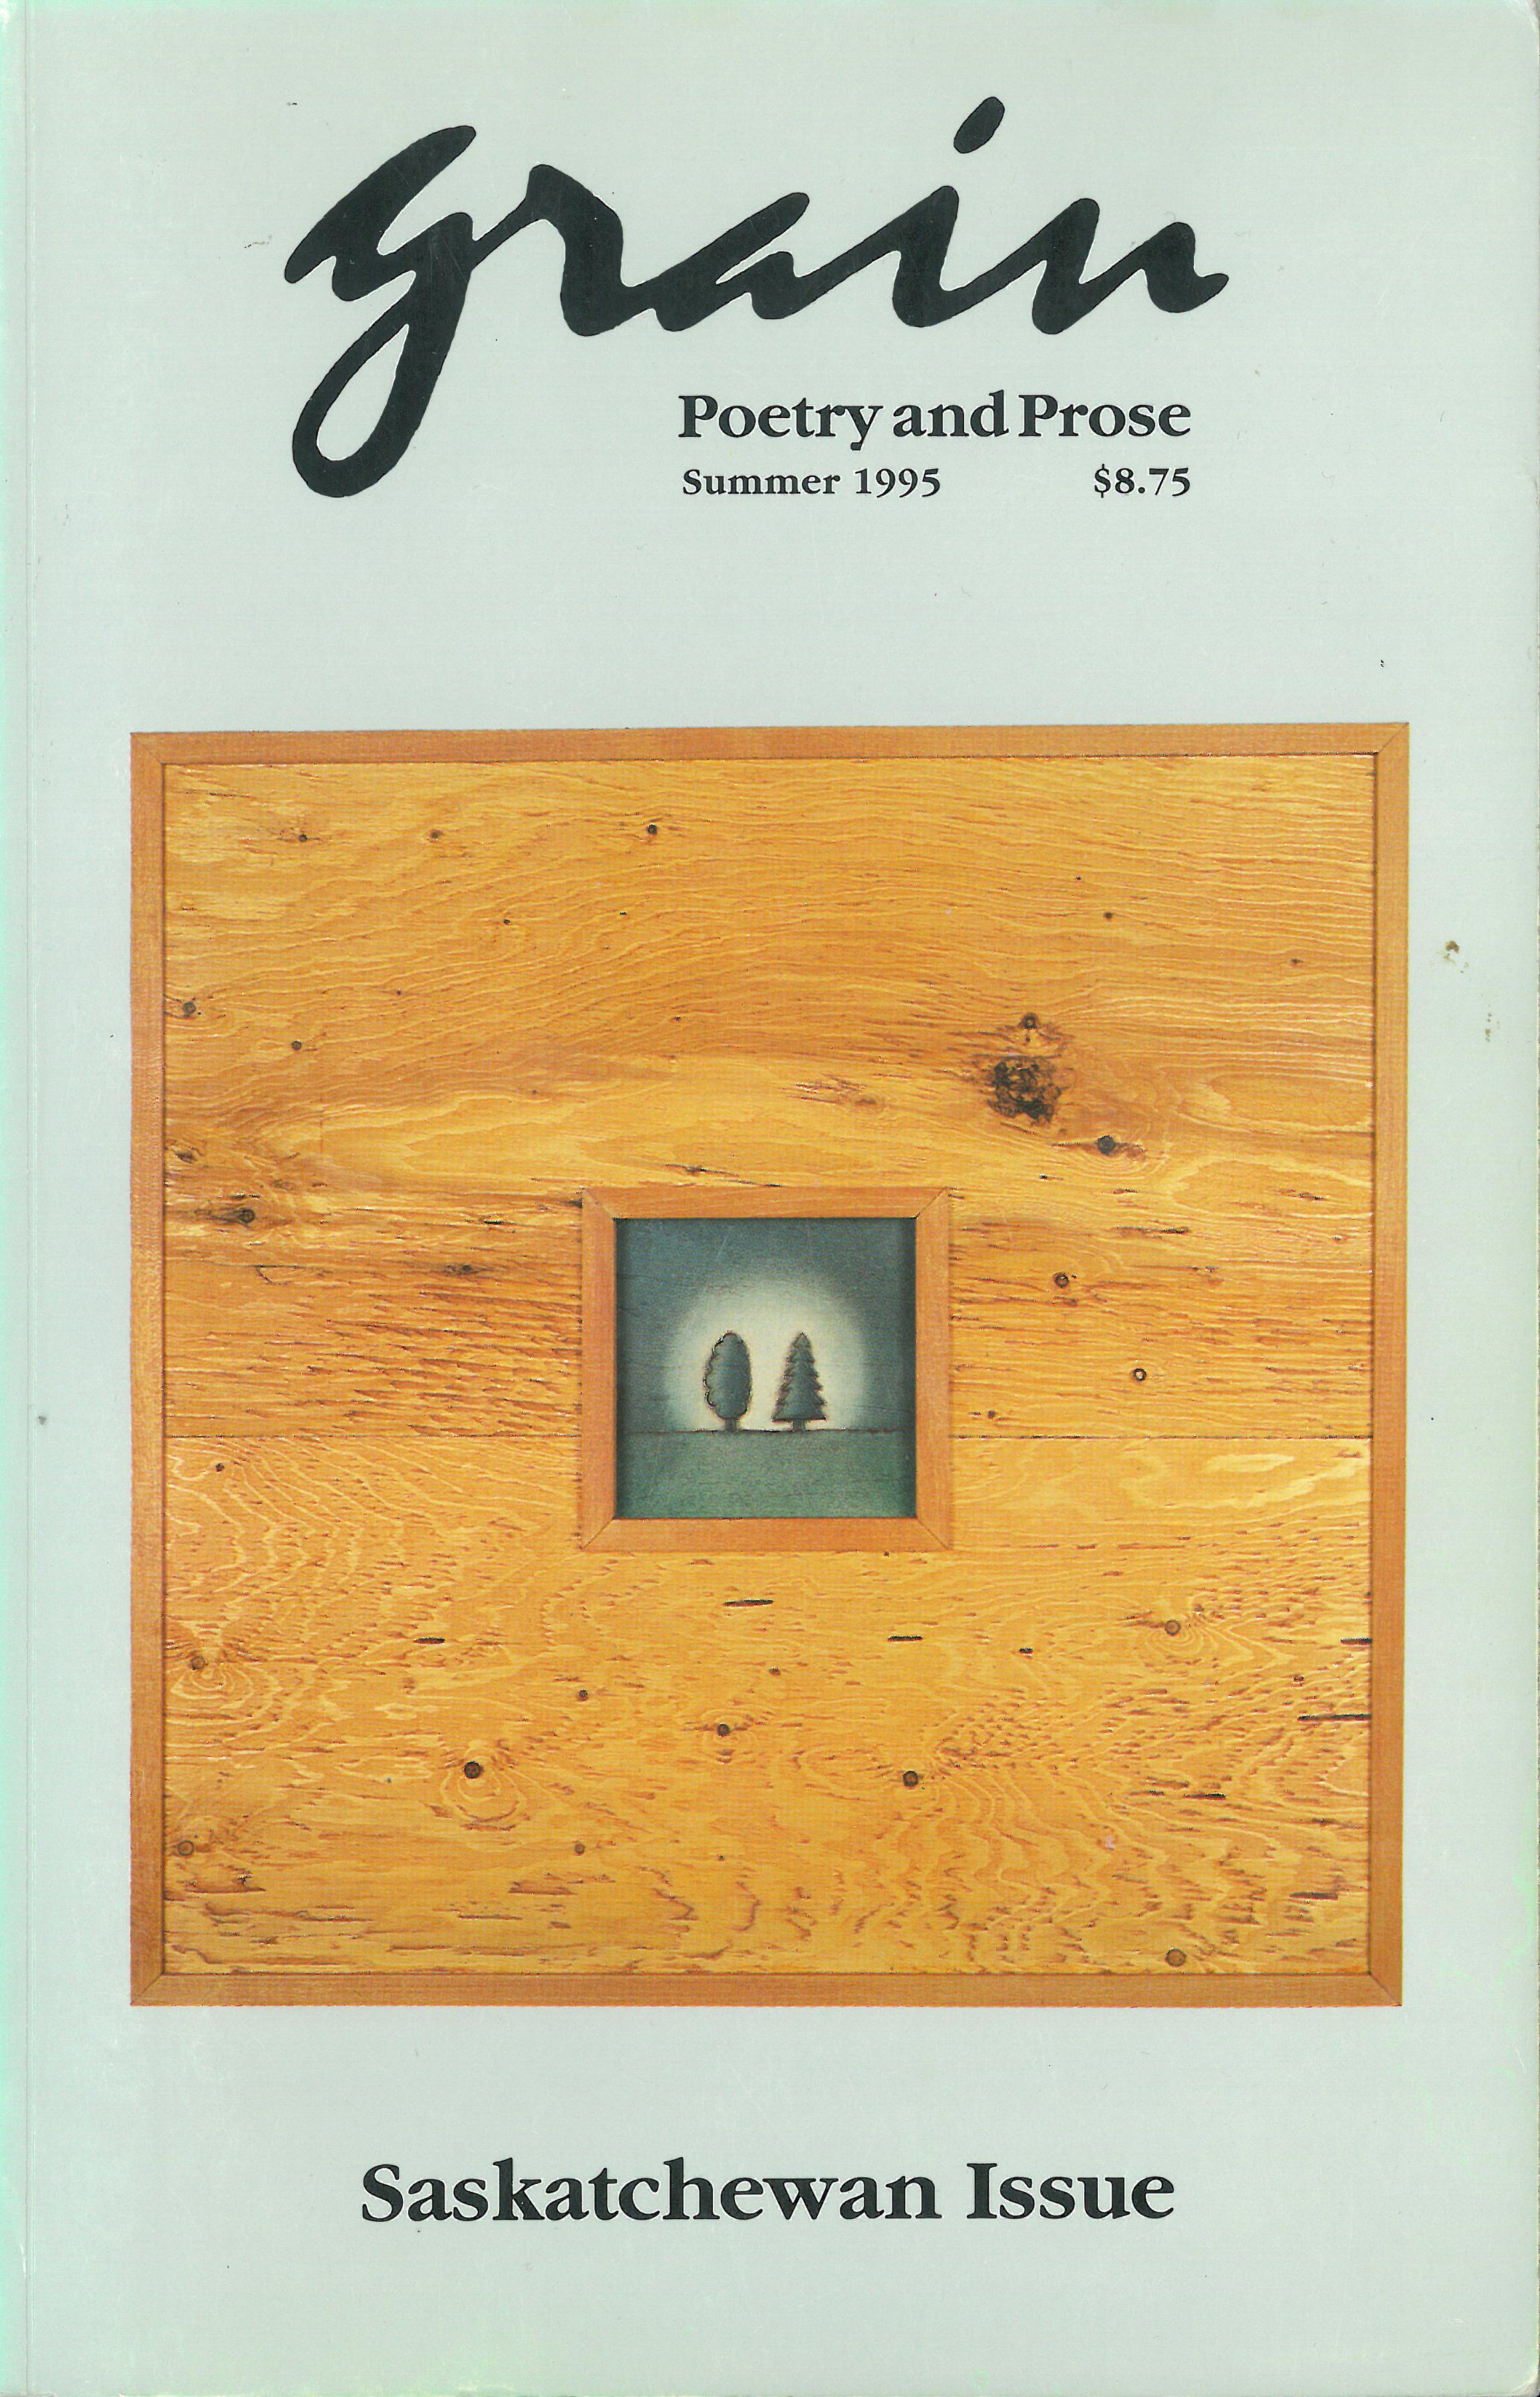 23.1 Summer 1995, Saskatchewan Issue